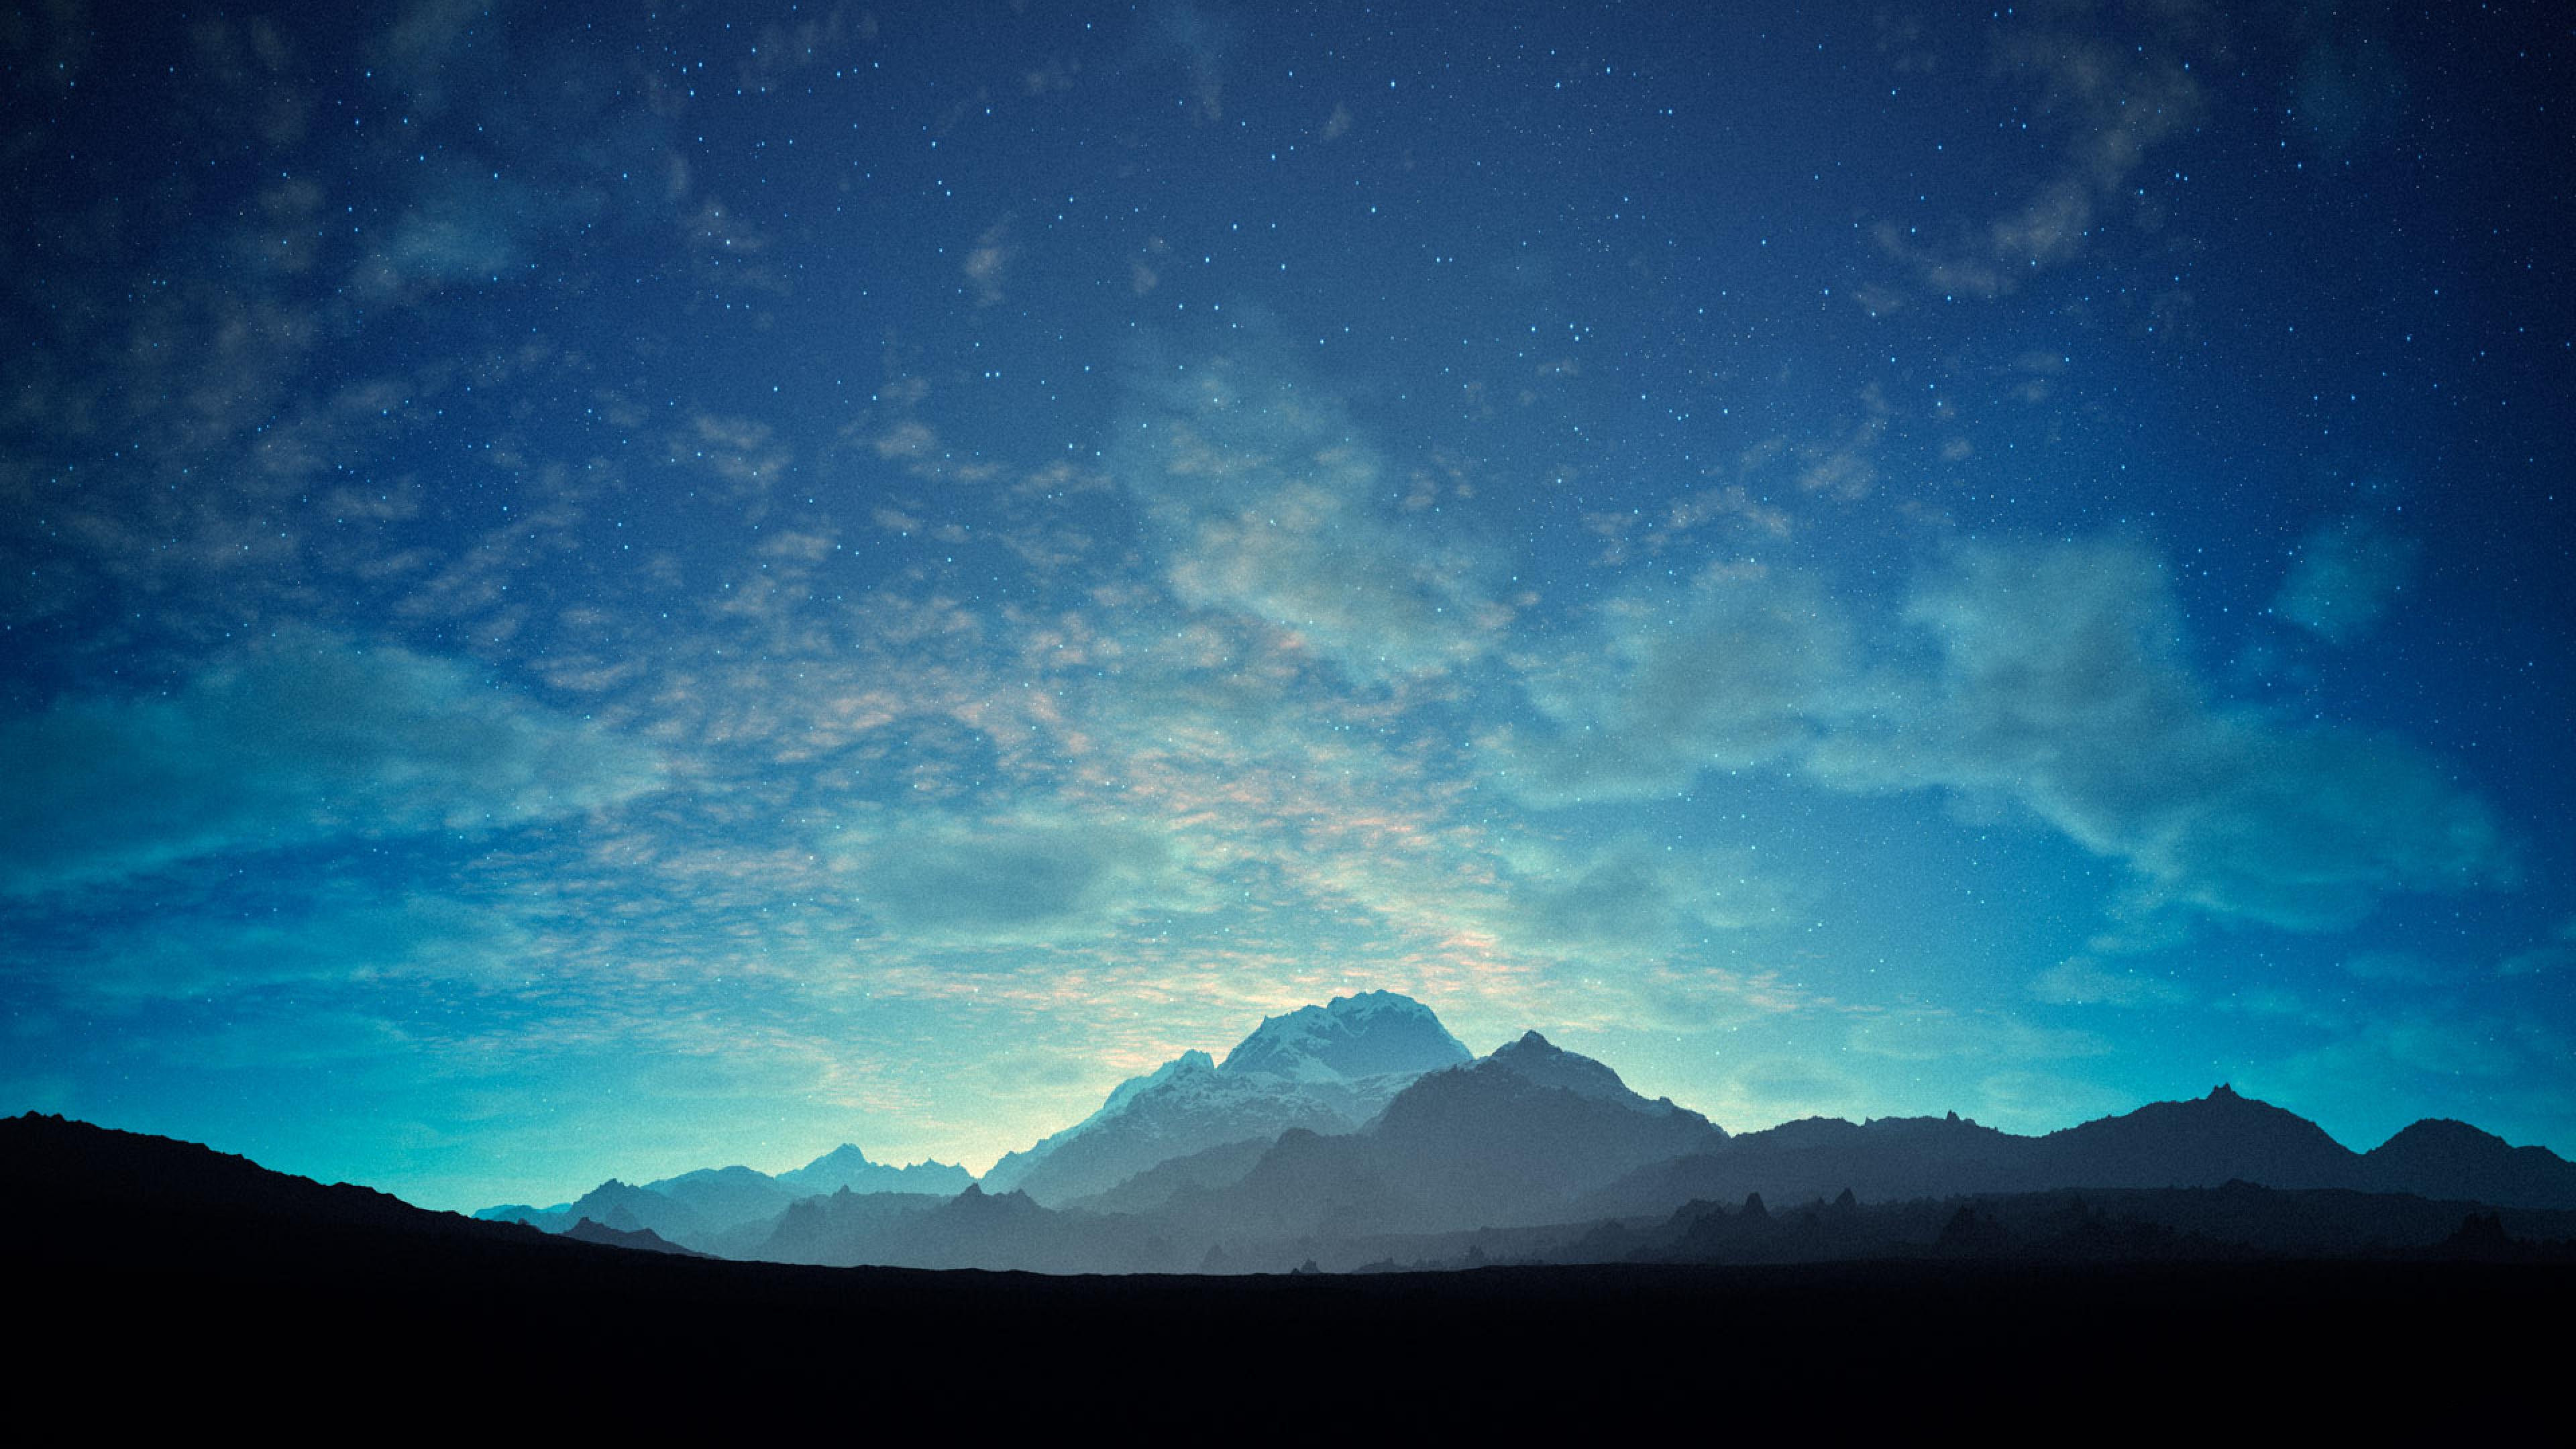 Free Desktop Starry Night Wallpaper in